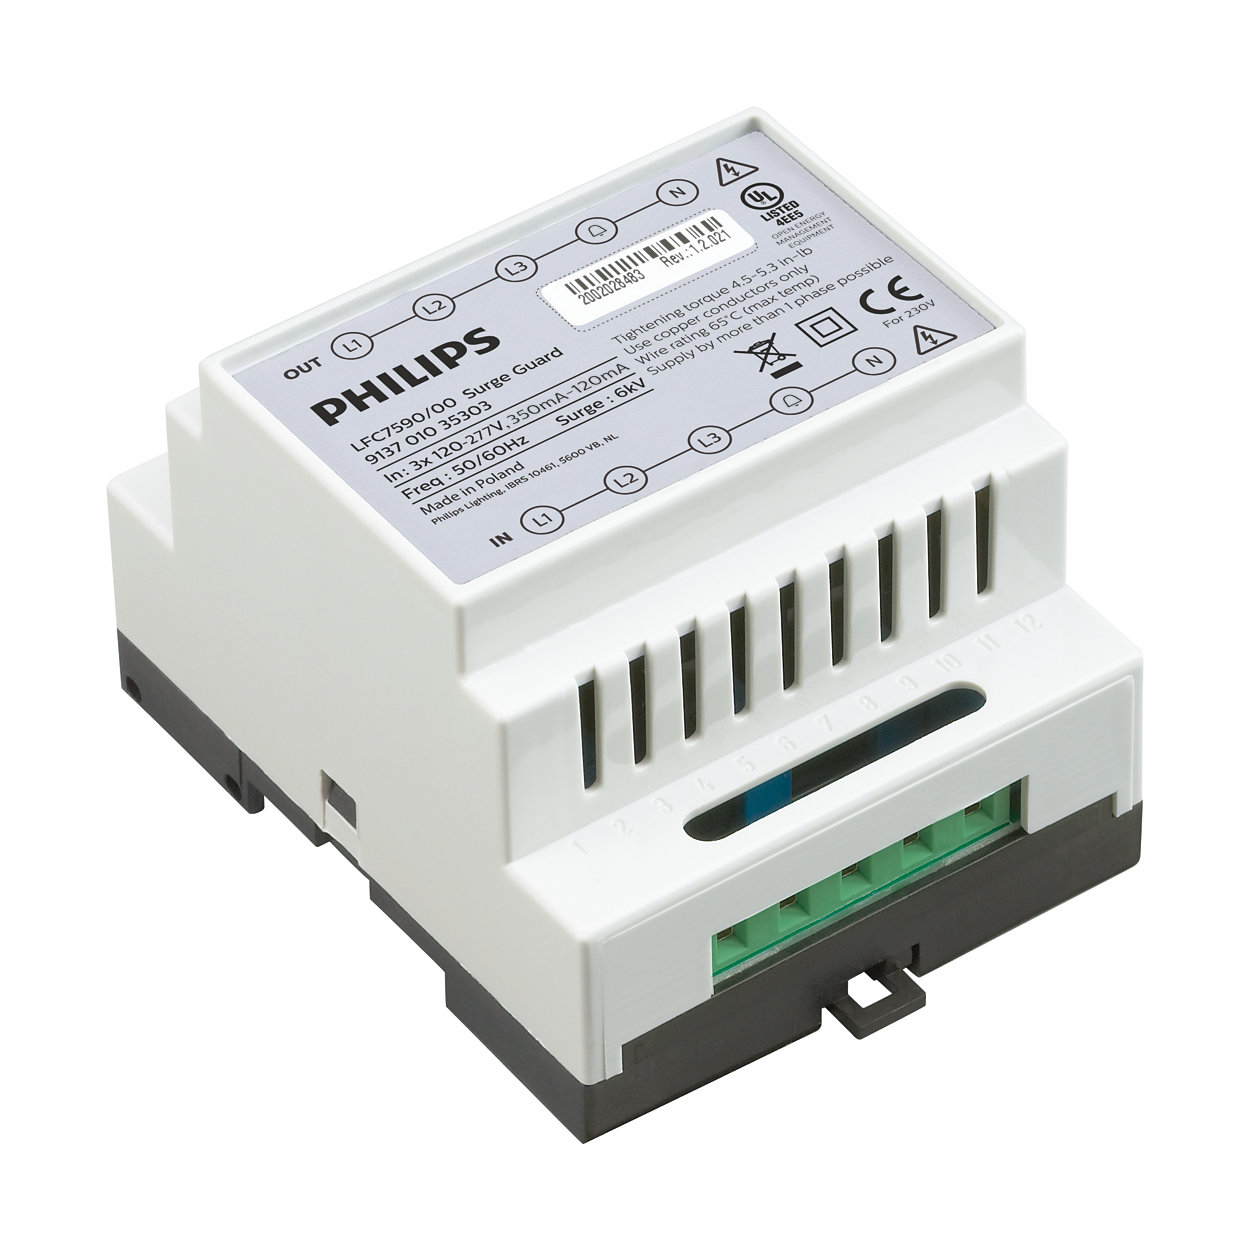 Výkonné monitorování sítě a venkovní skupinové ovládání osvětlení